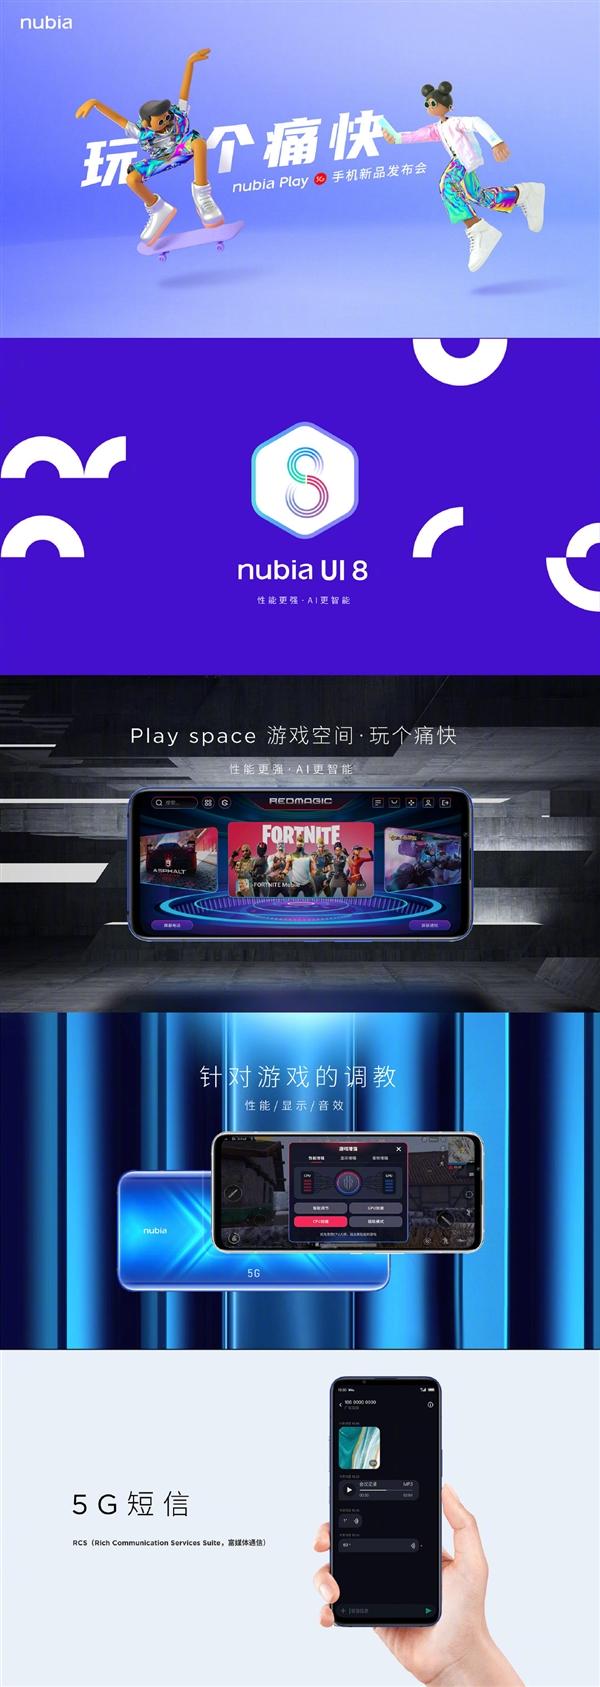 2399元起!努比亚Play 5G正式发布:全系标配144Hz